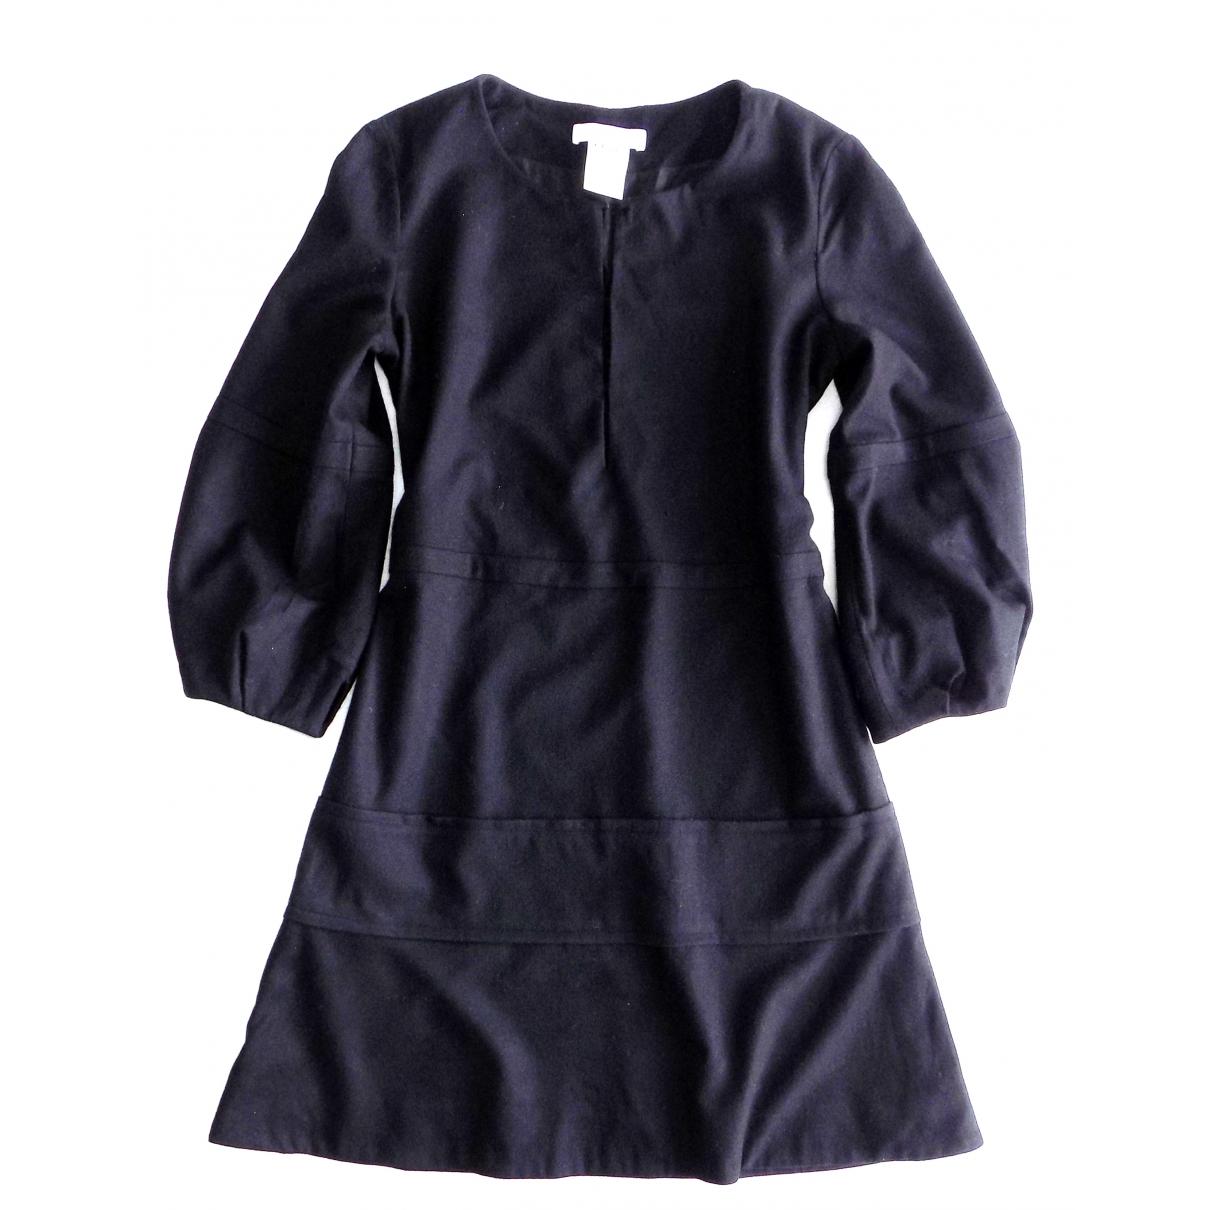 Chloe \N Kleid in  Schwarz Wolle